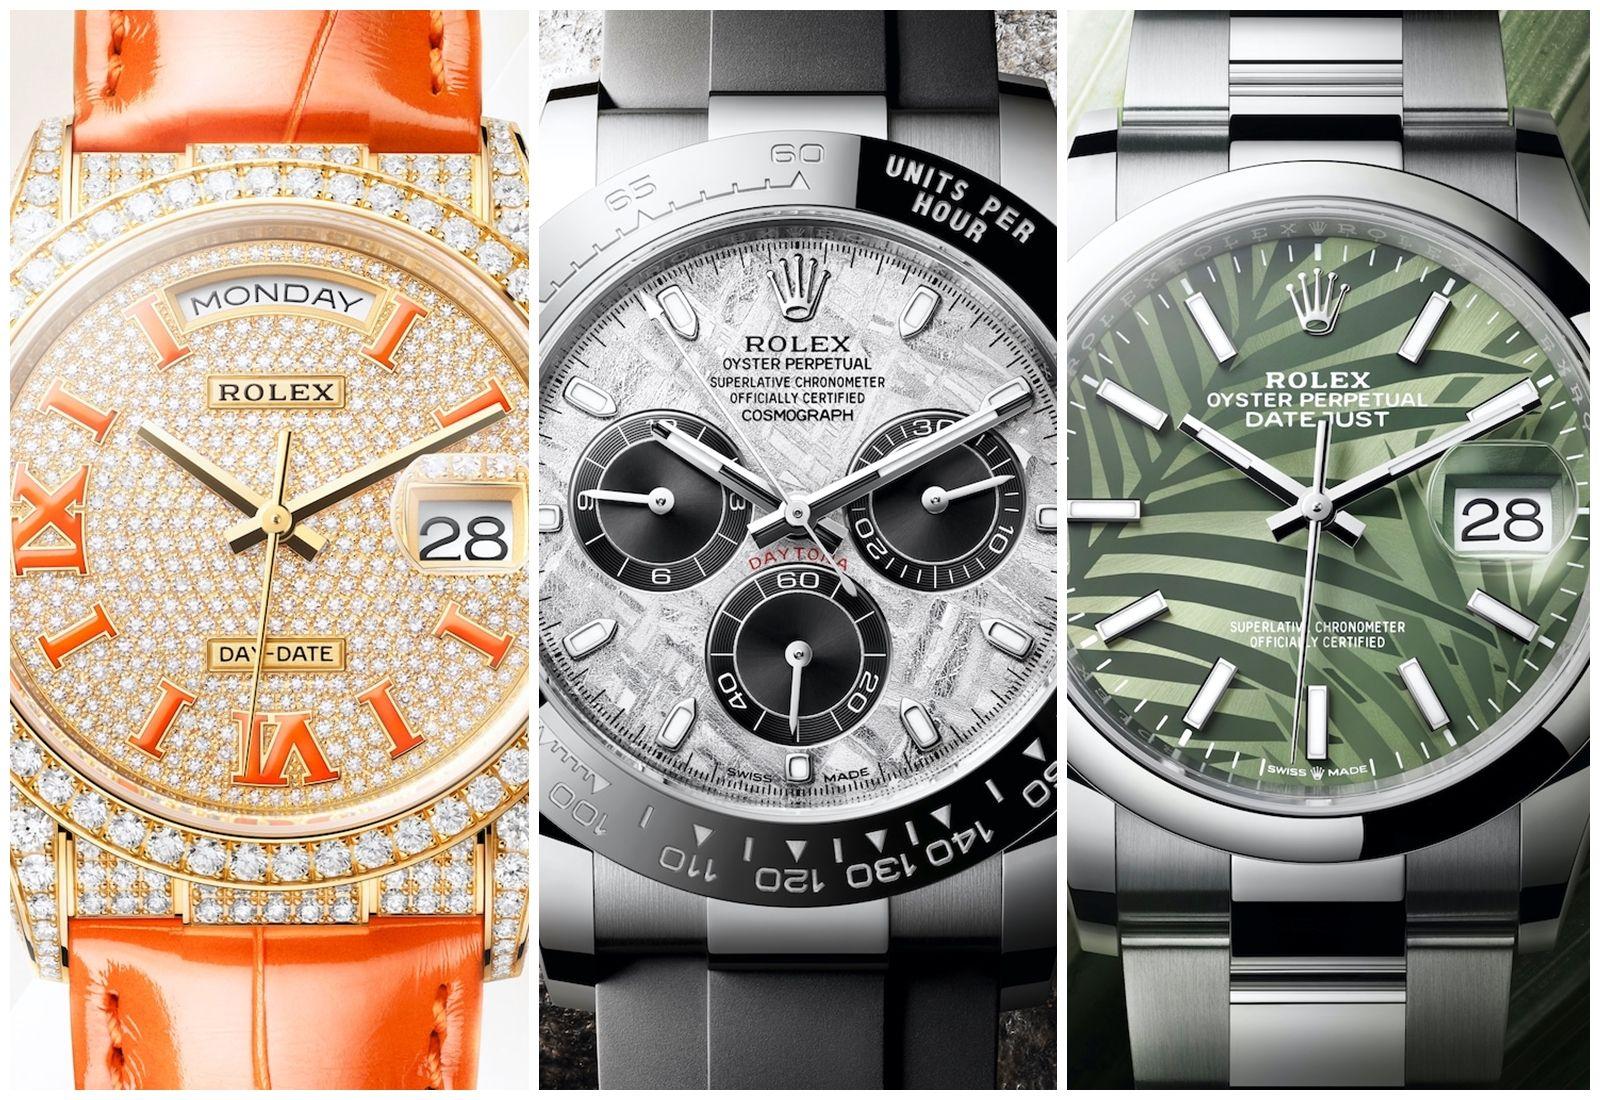 2021勞力士Rolex新錶來了!新一代Explorer探險家型、隕石面Daytona、滿天星鑽錶…3大亮點搶先看!